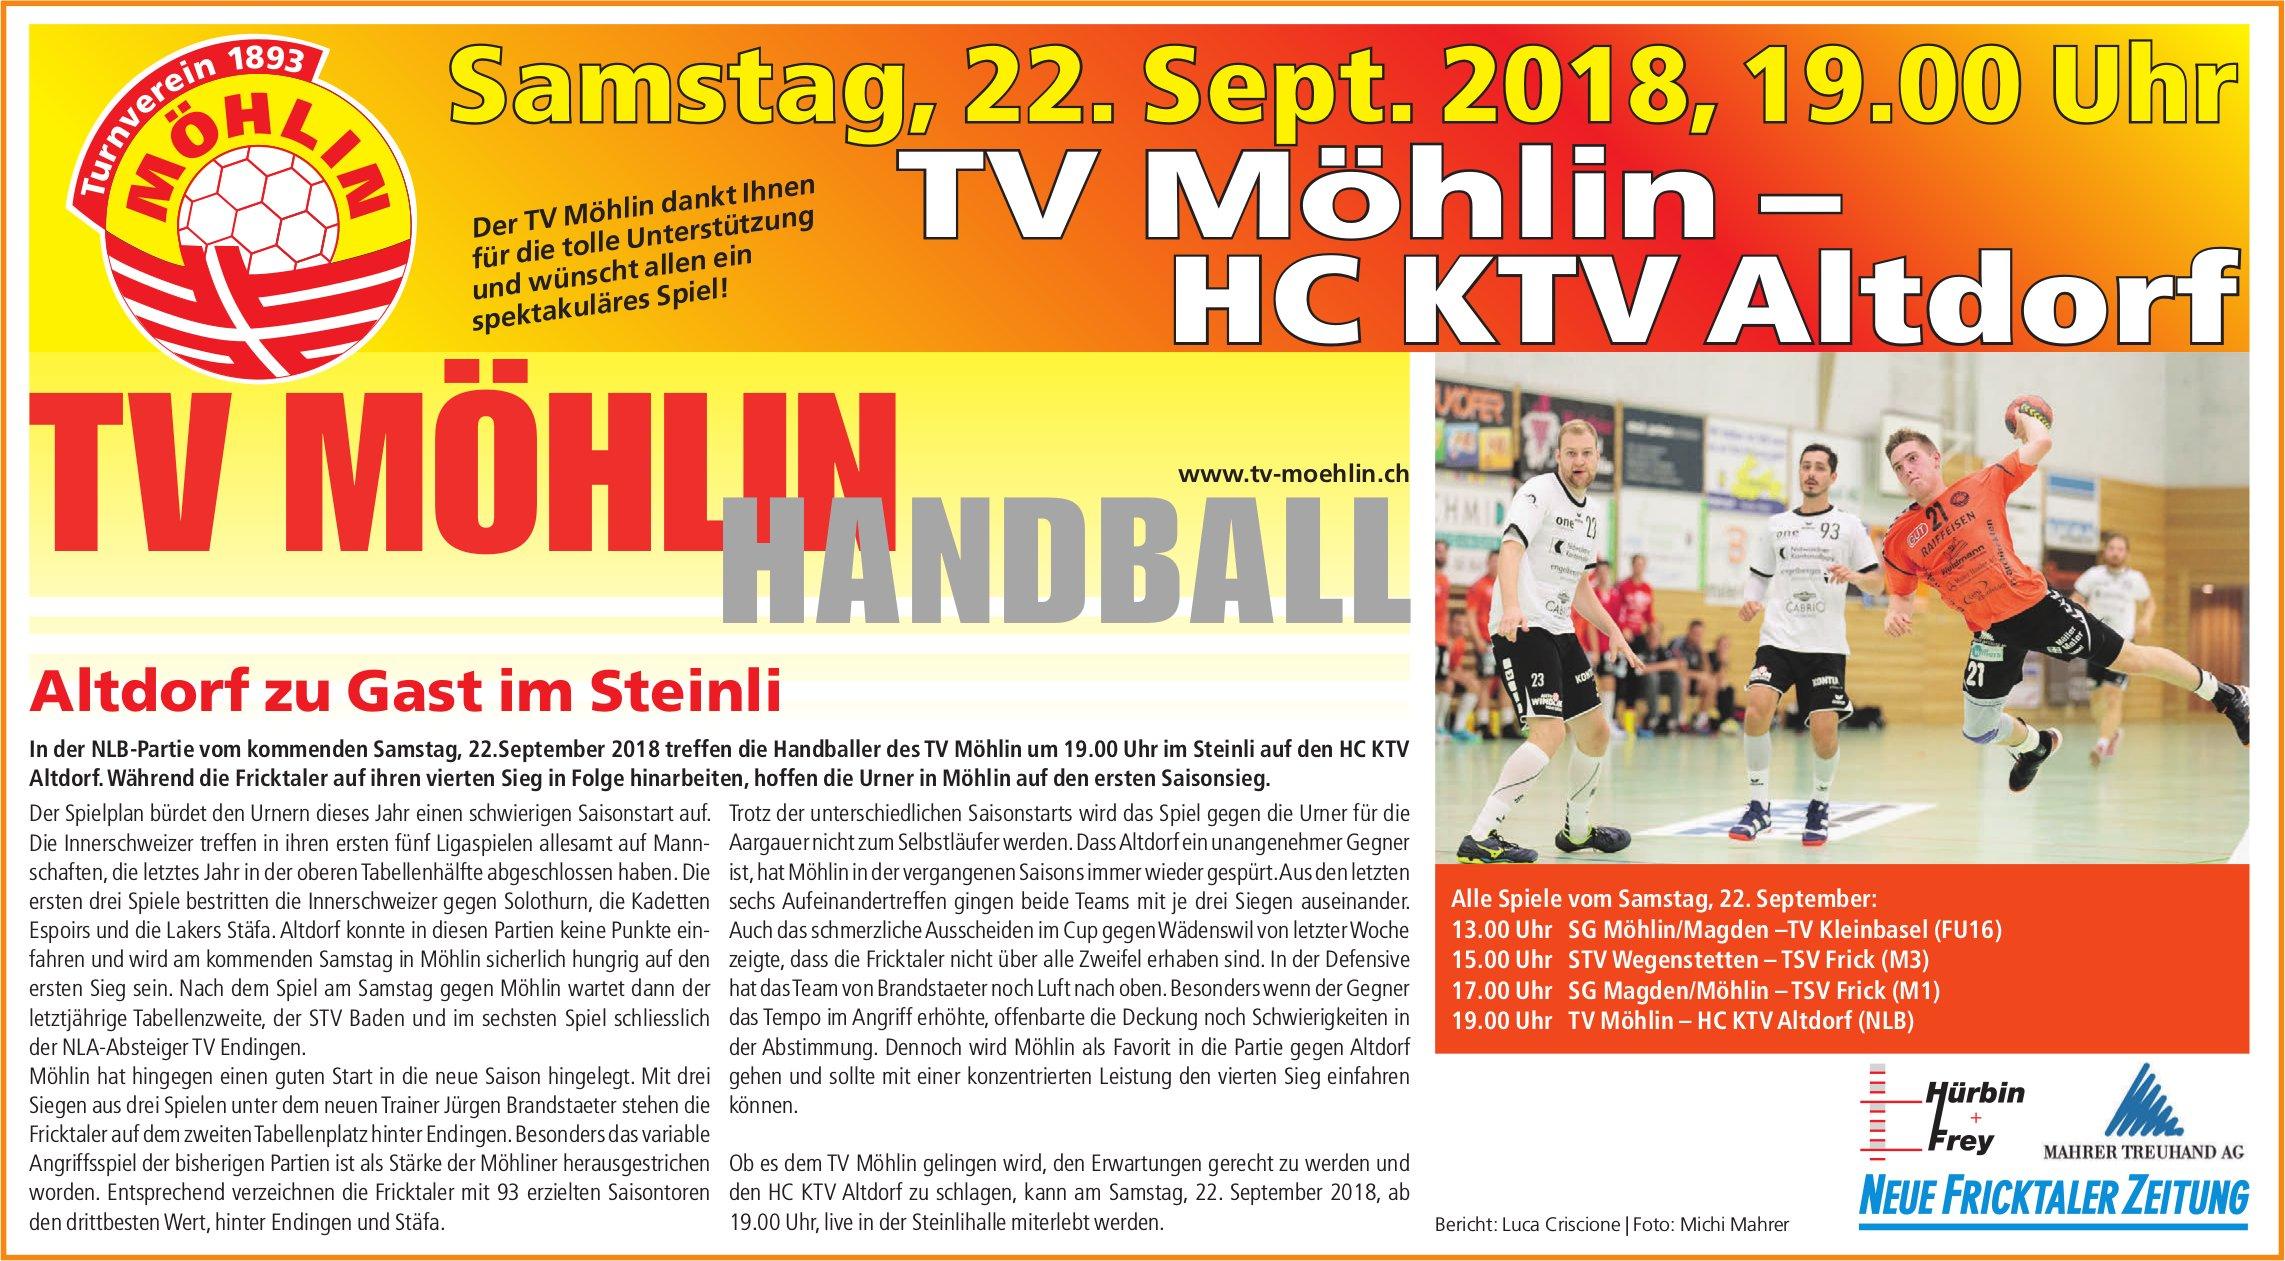 TV Möhlin Handball vs. HC KTV Altdorf am 22. September